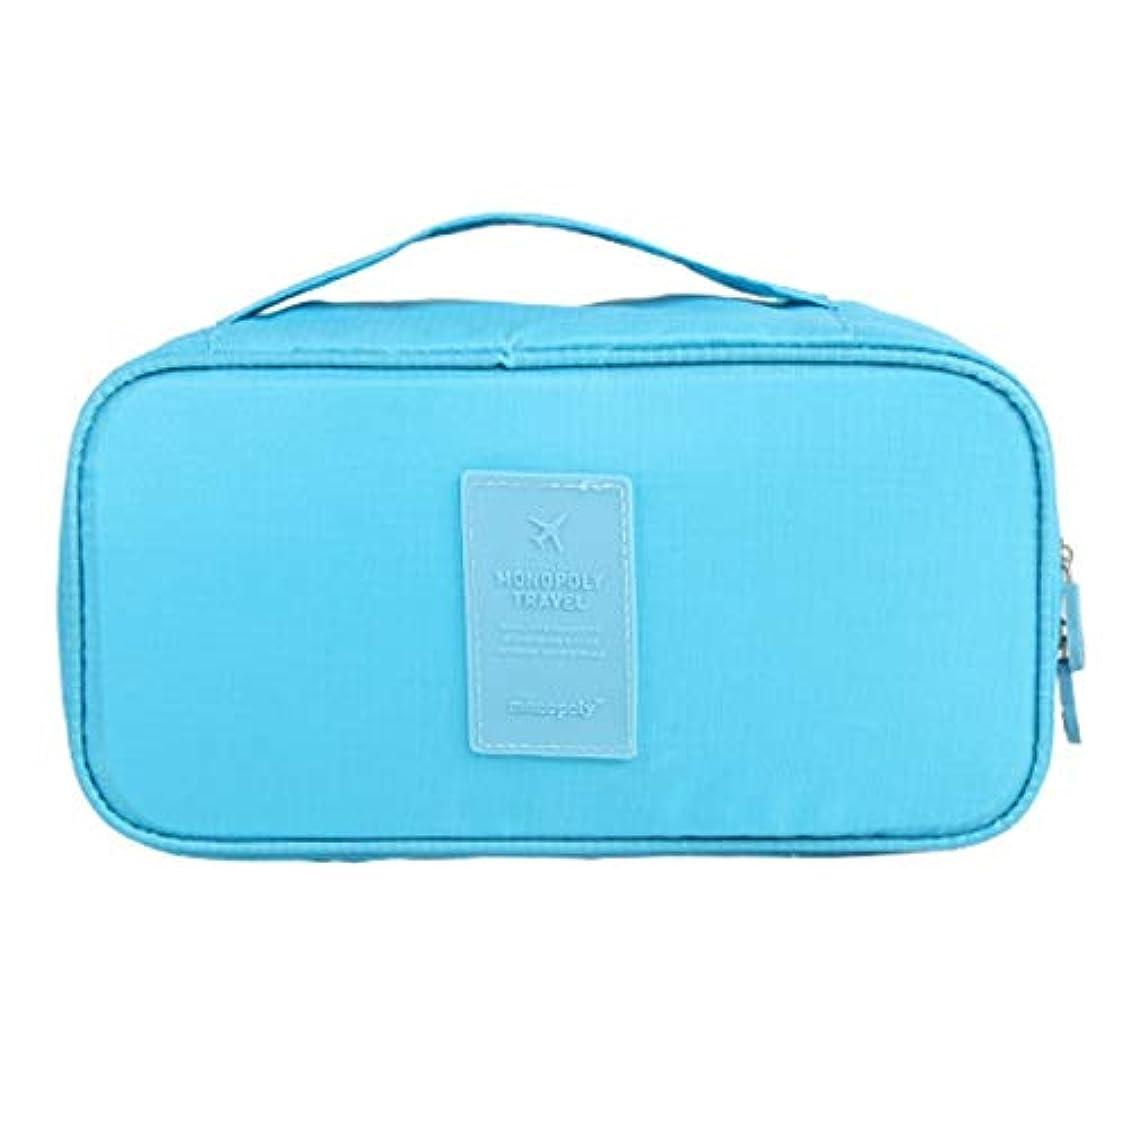 トランザクションお誕生日精査する化粧オーガナイザーバッグ 旅行用品旅行用シェービングヘアバッグ 化粧品ケース (色 : 青)